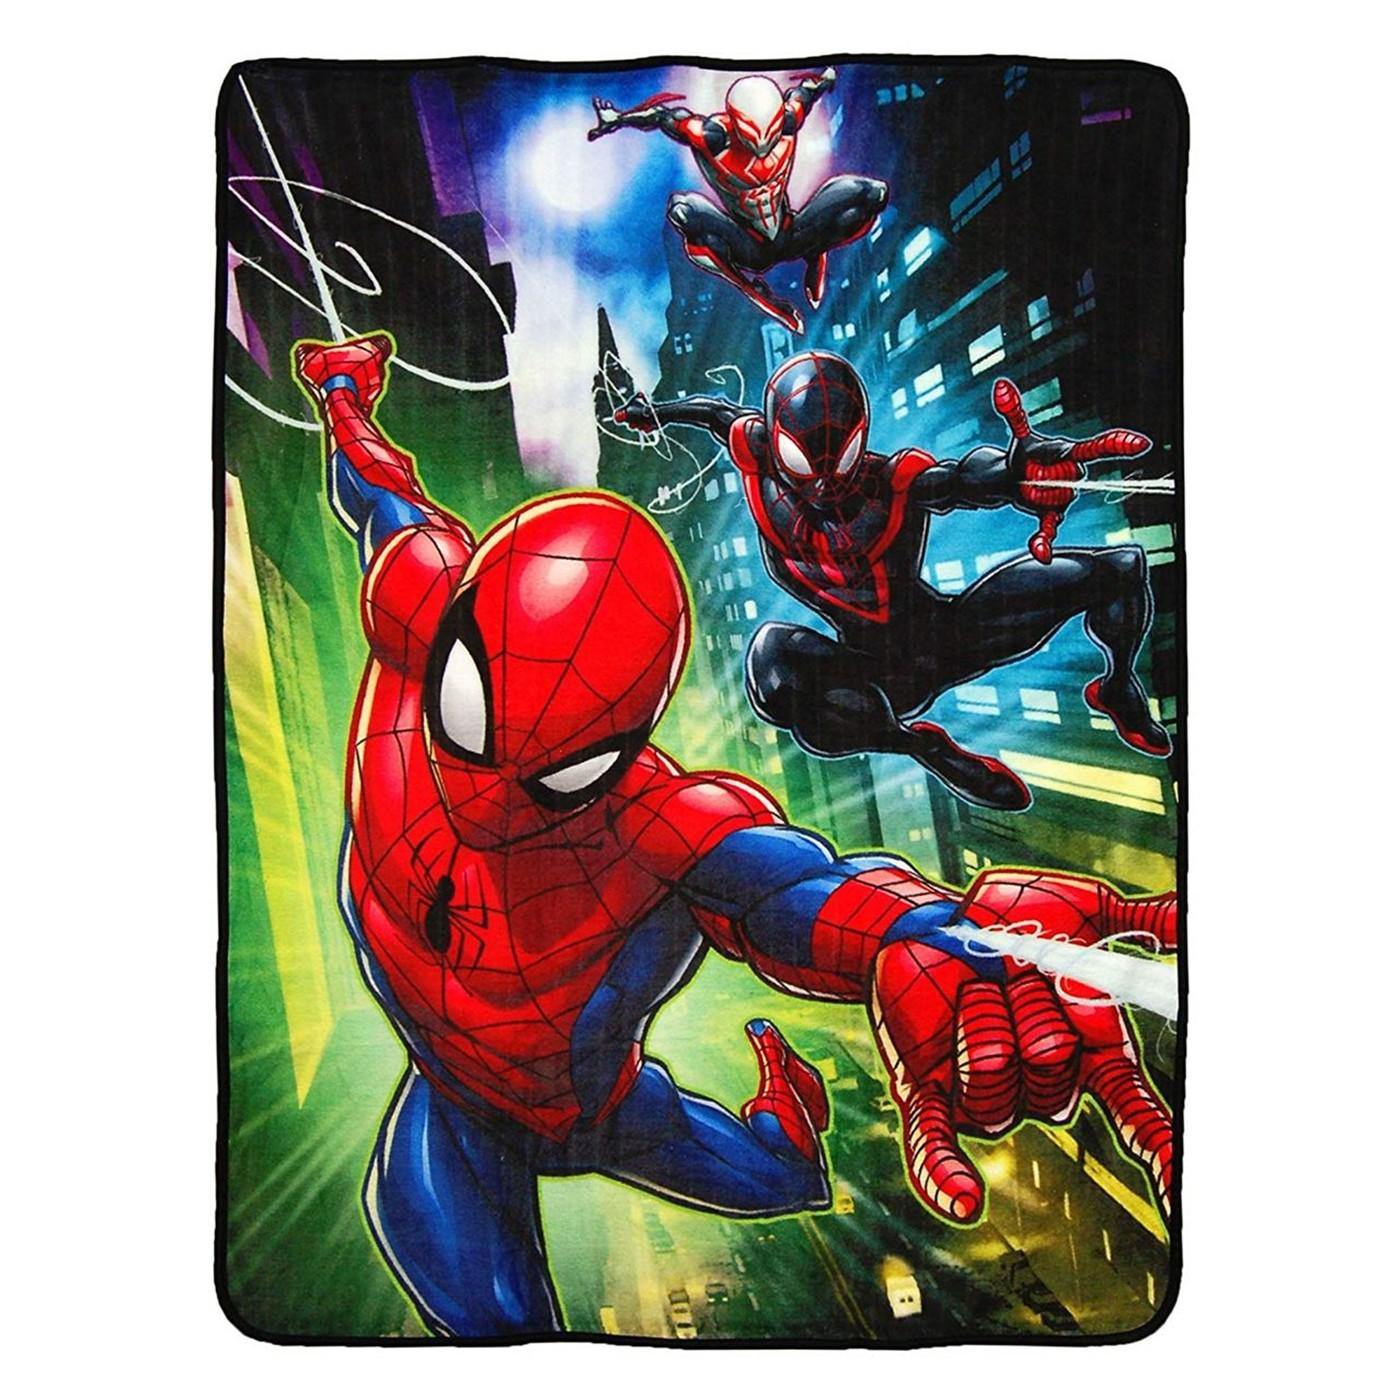 Spider-Man Raschel Throw